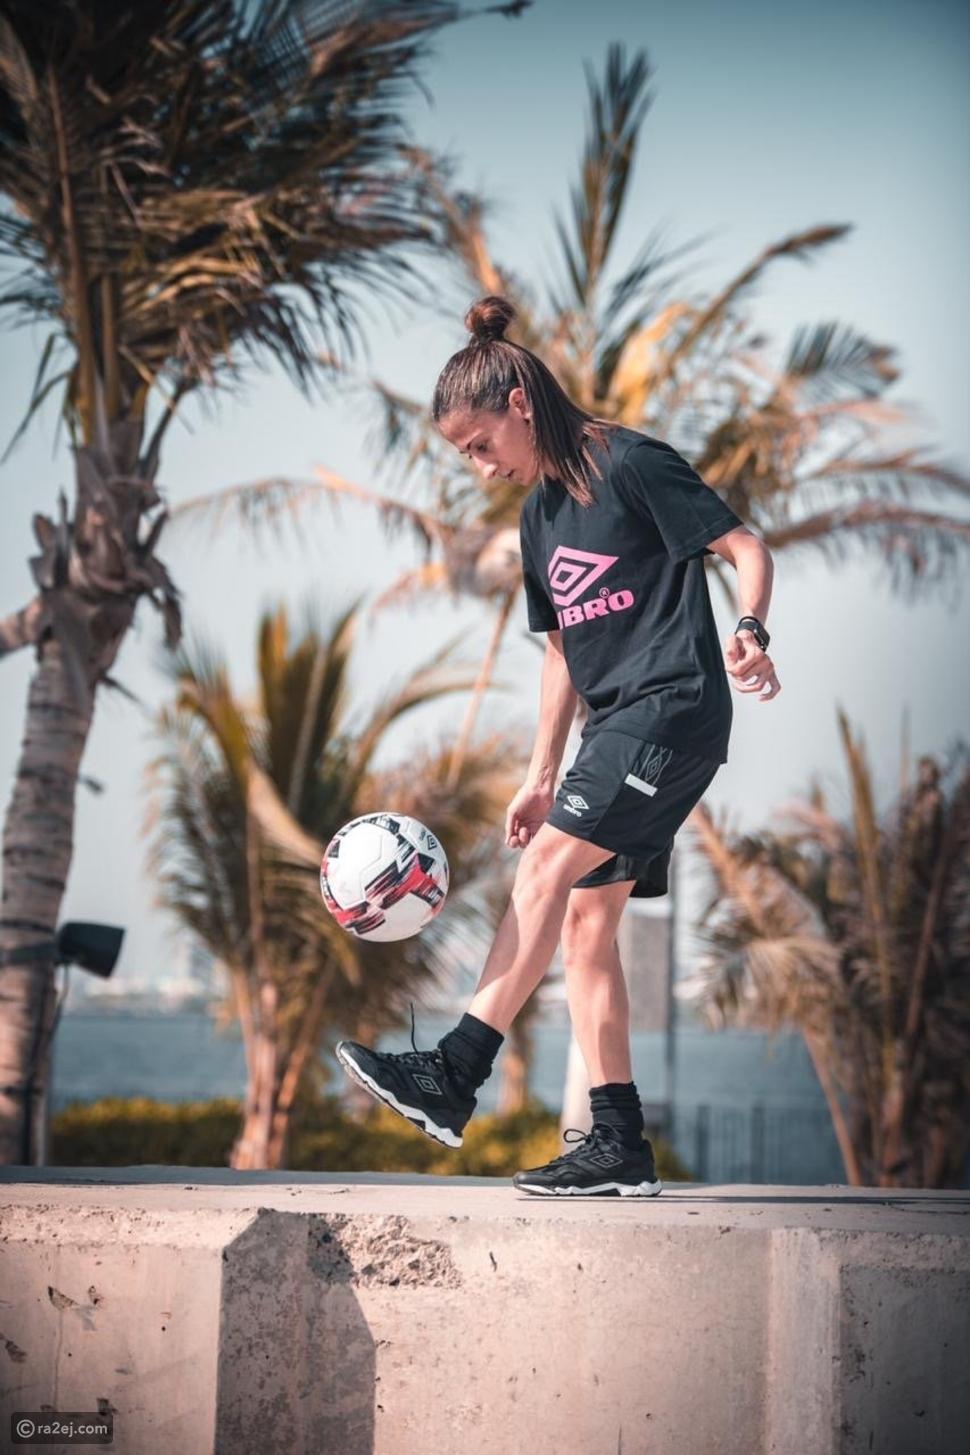 الإماراتية أريج الحمادي تدخل غينيس للأرقام القياسية بلعبة كرة القدم